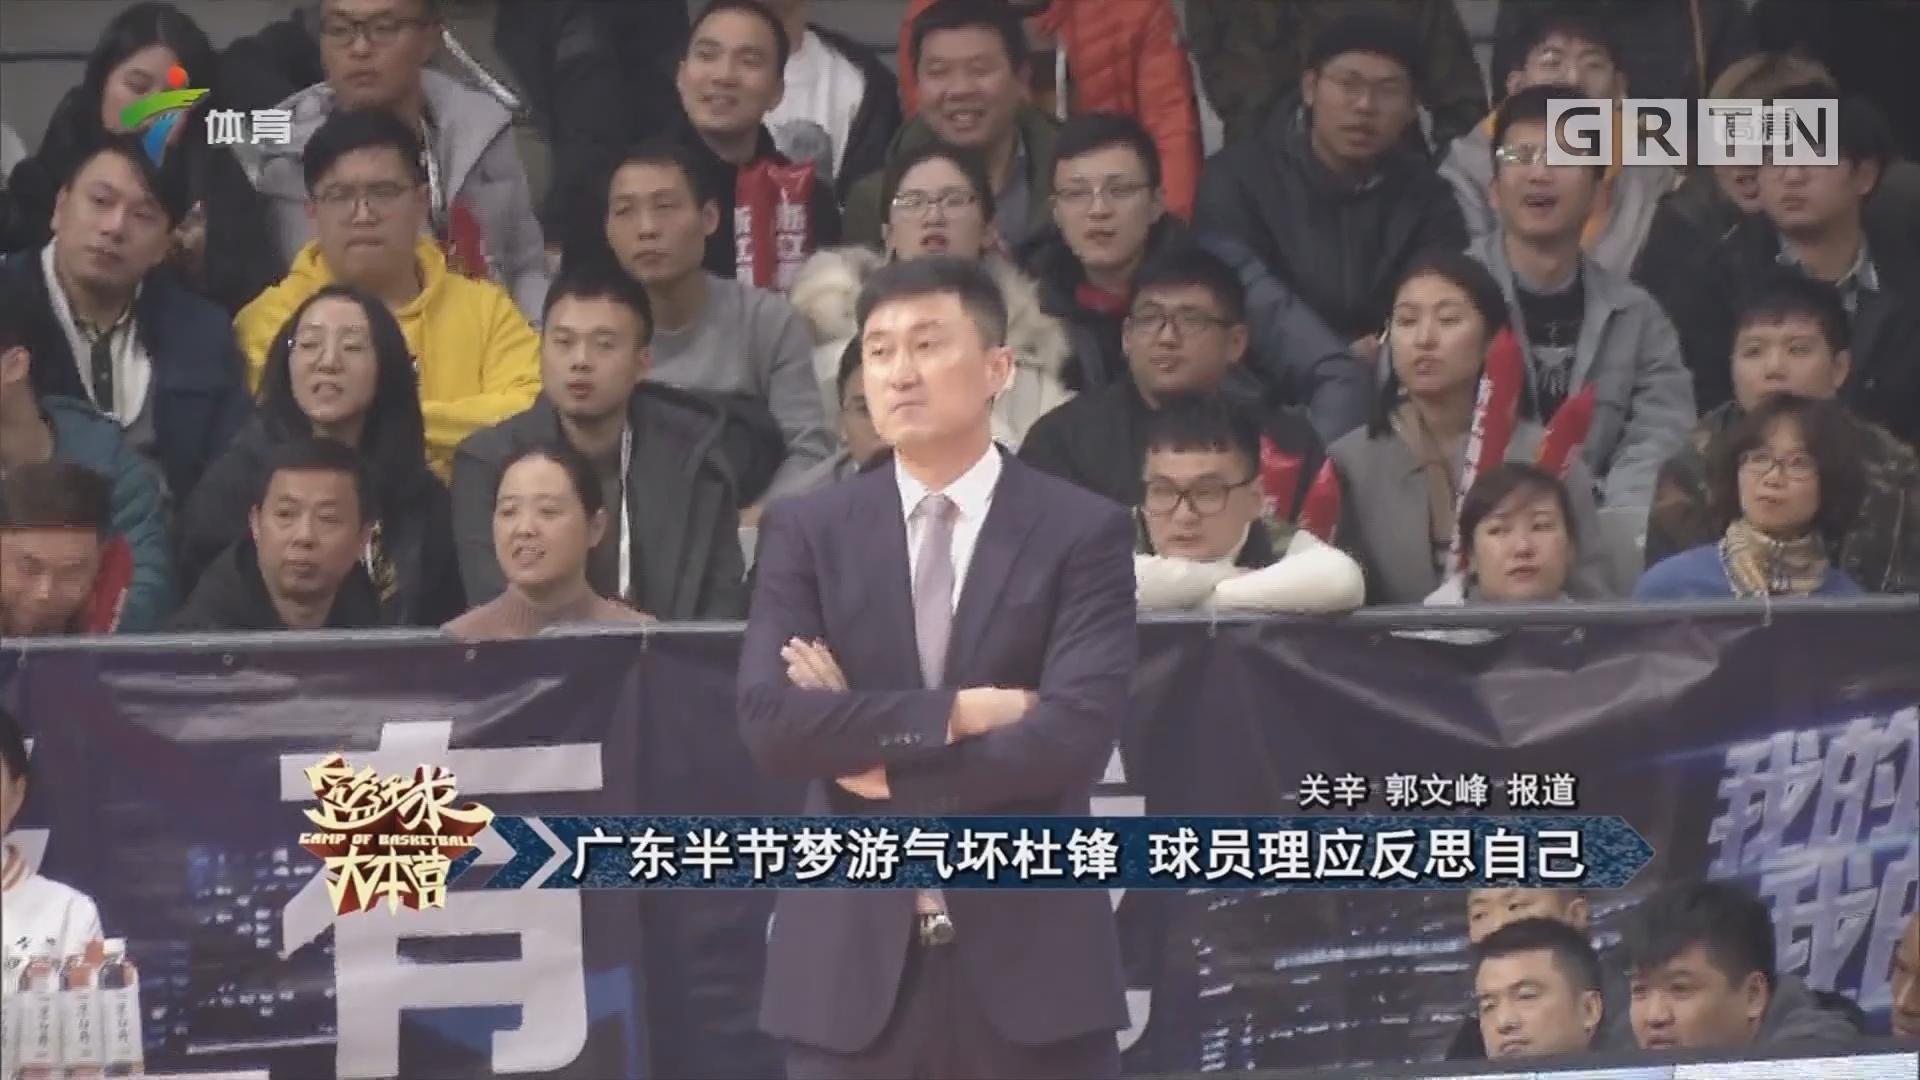 广东半节梦游气坏杜锋 球员理应反思自己